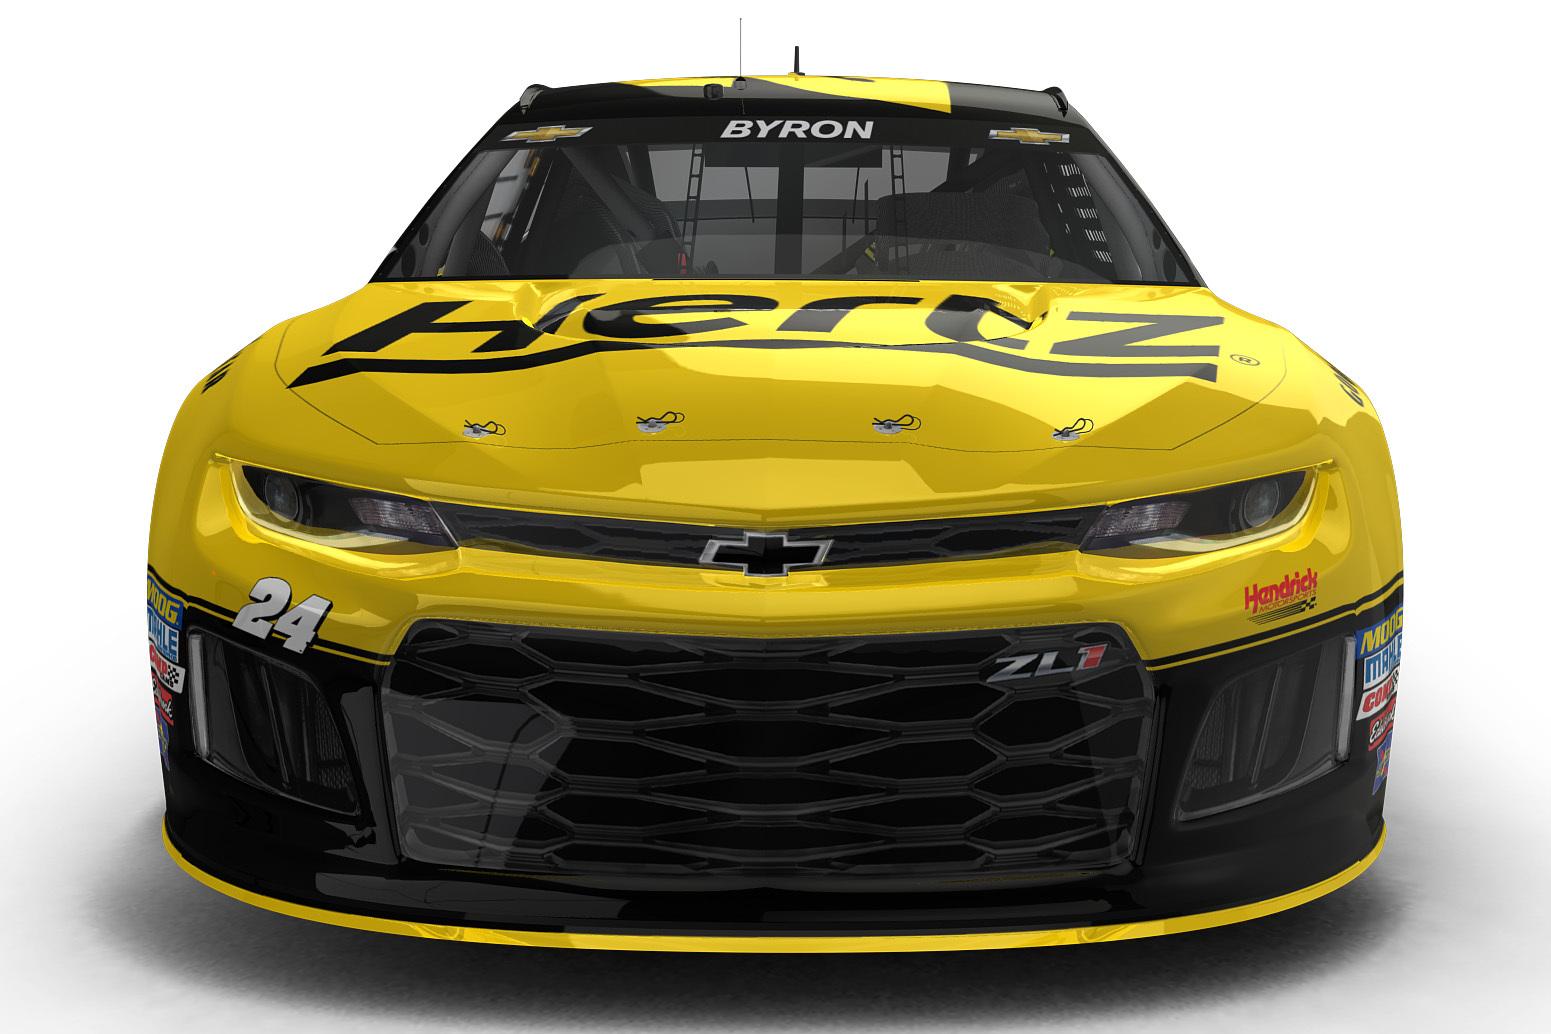 William Byron - 2018 Hertz NASCAR race car